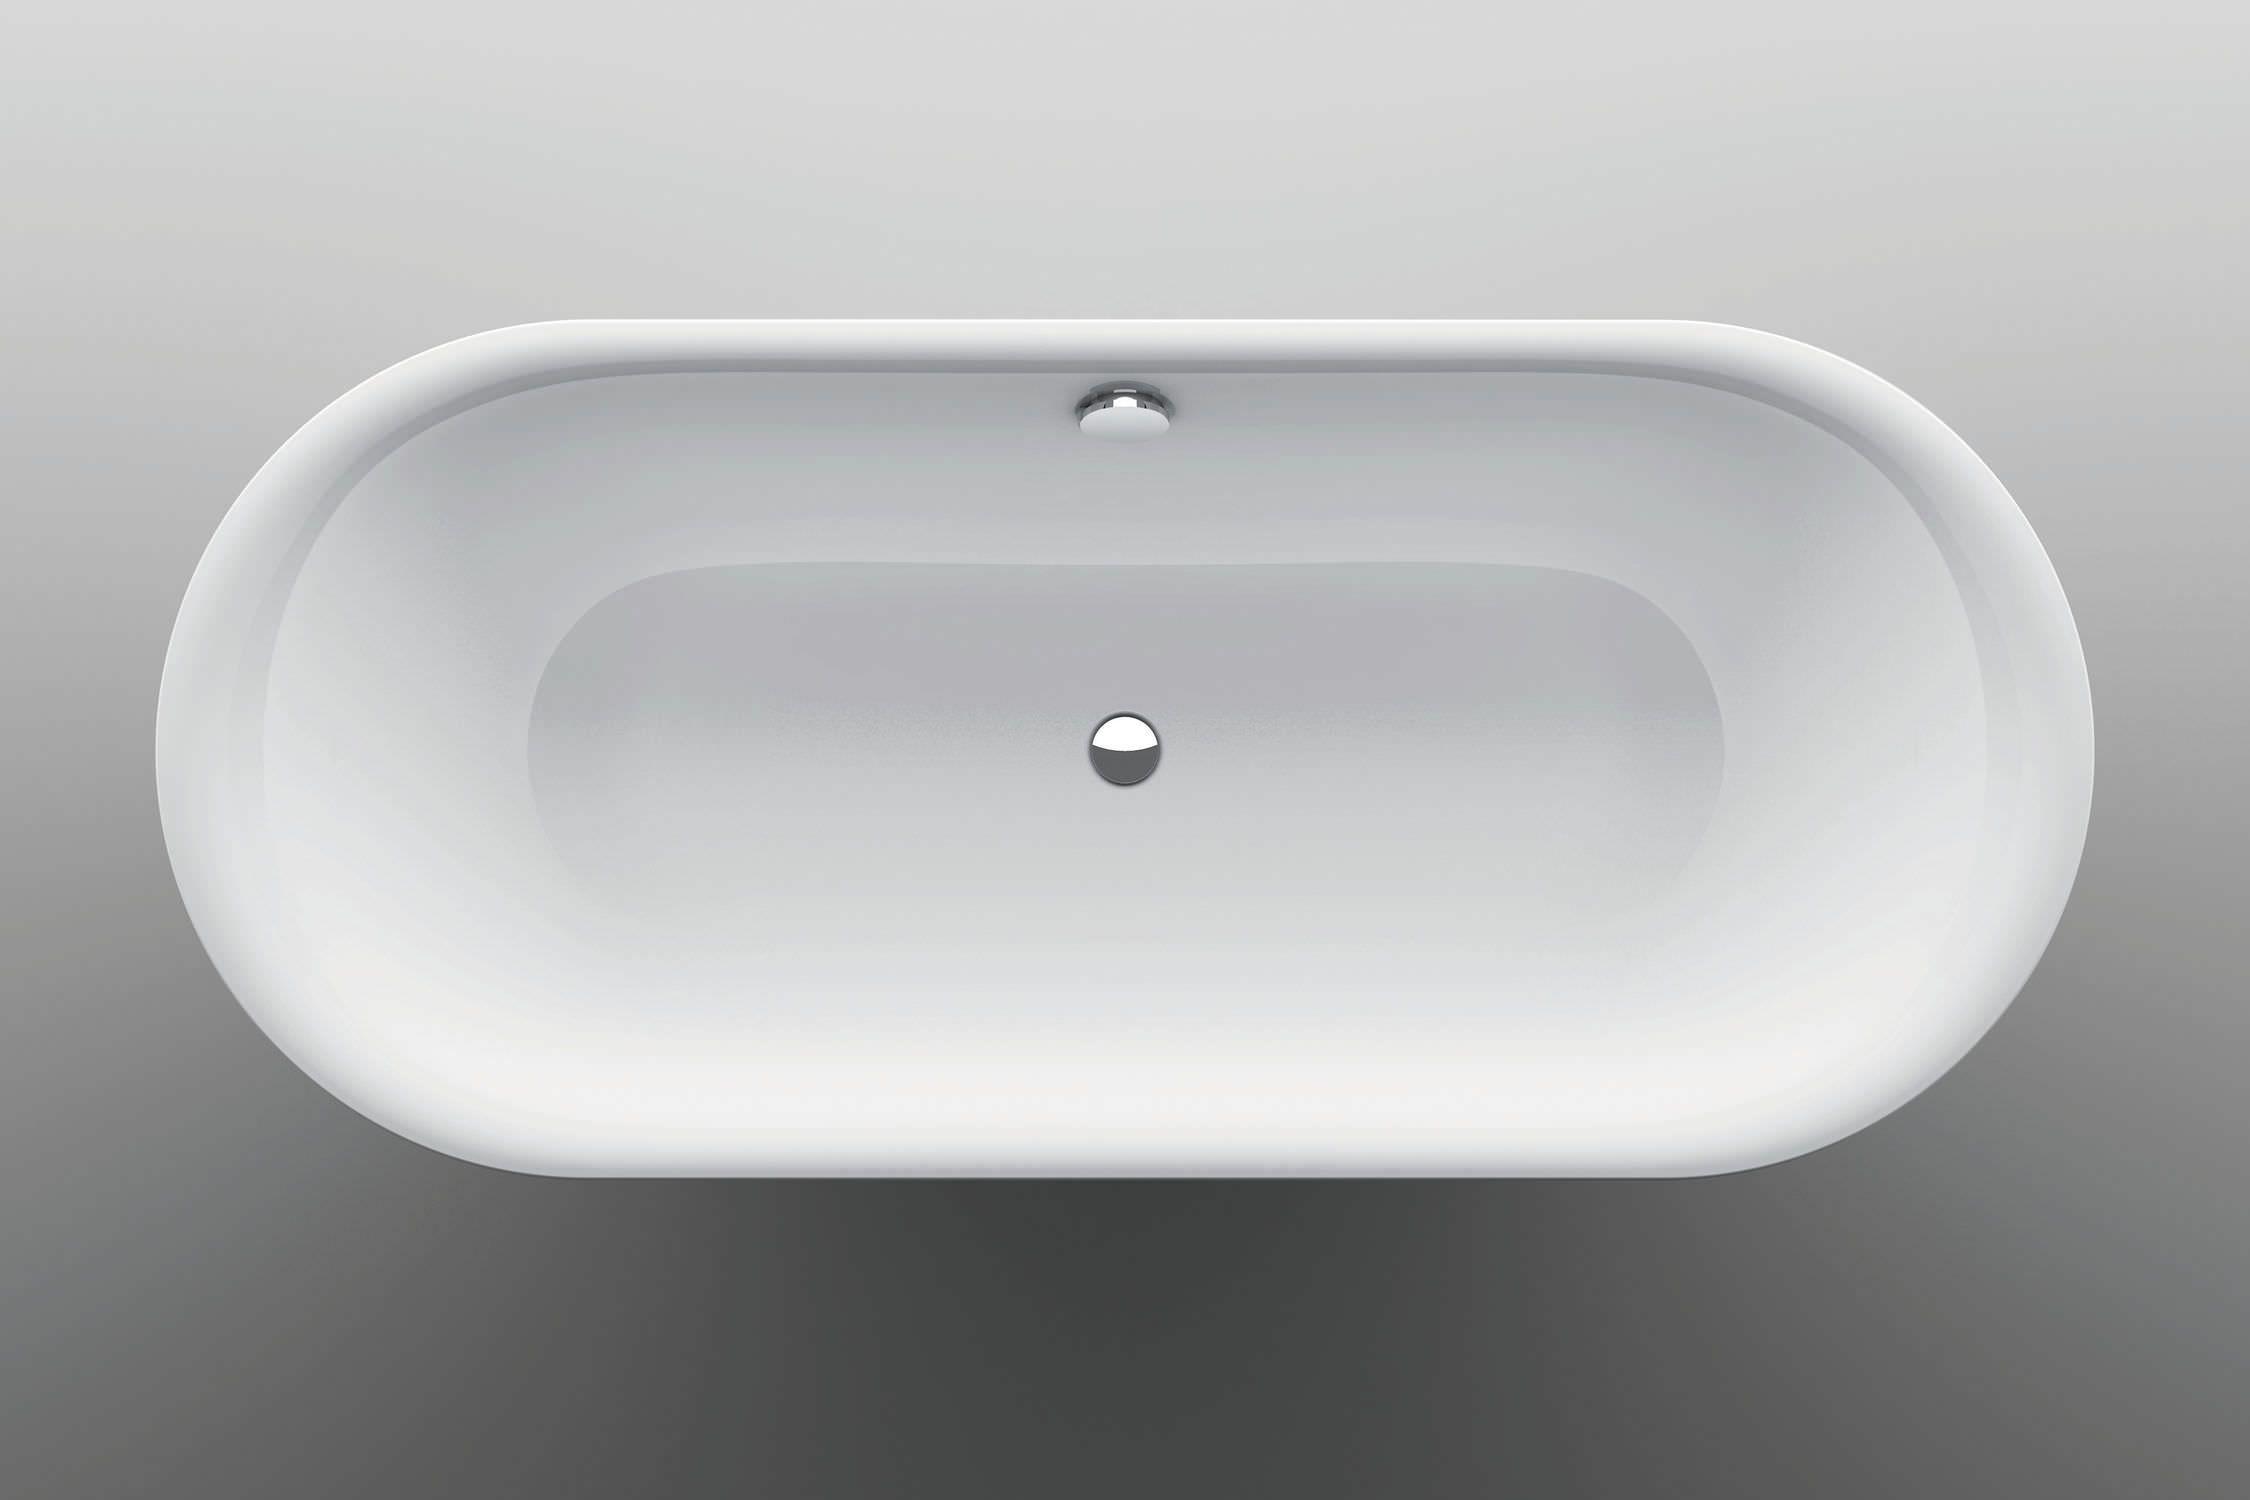 bette badewanne rund (With images) Bathtub, Free